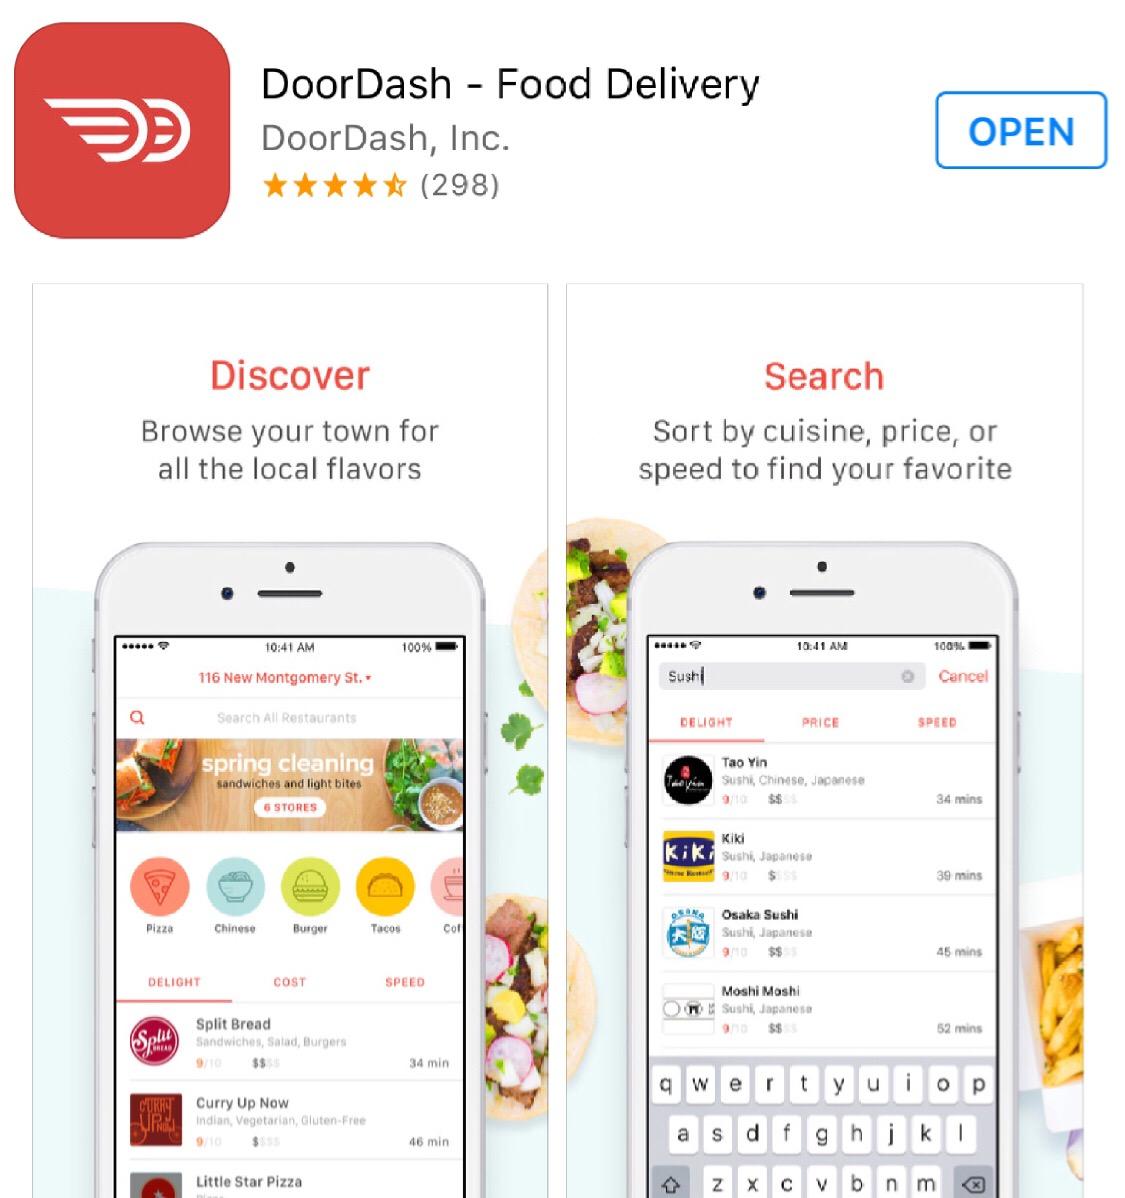 DoorDash Restaurant Delivery Service App & Website